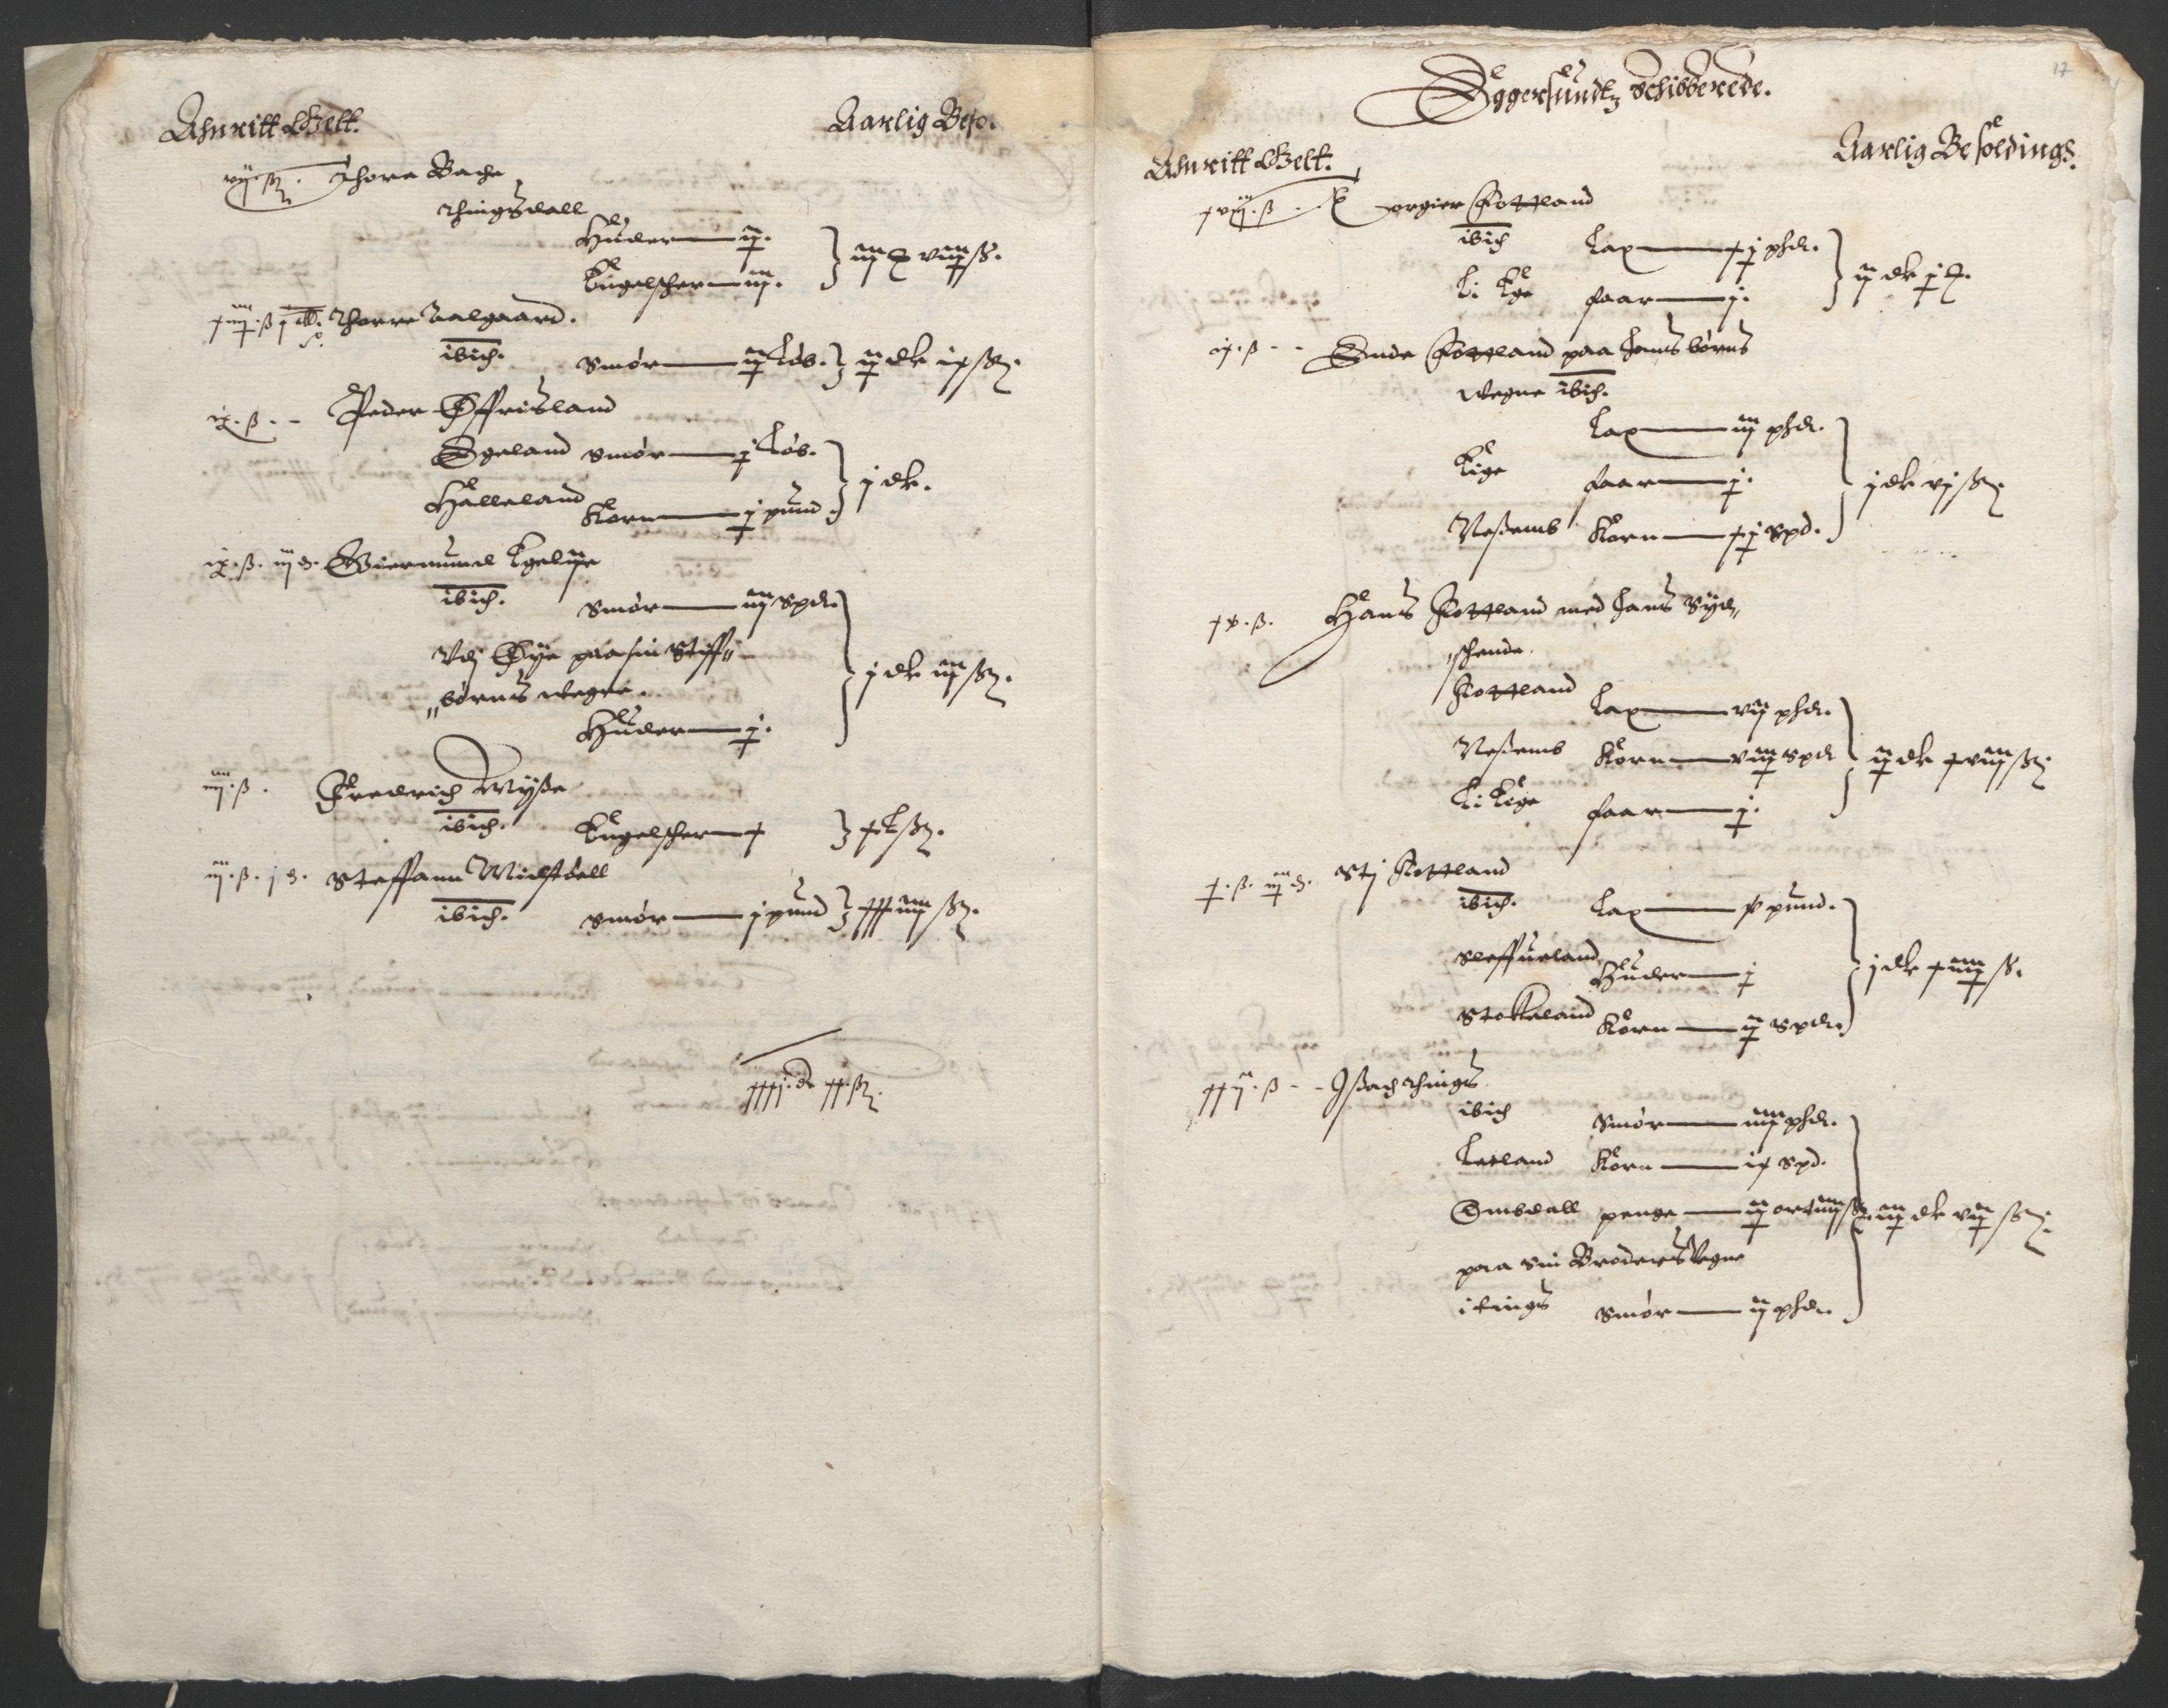 RA, Stattholderembetet 1572-1771, Ek/L0010: Jordebøker til utlikning av rosstjeneste 1624-1626:, 1624-1626, s. 111